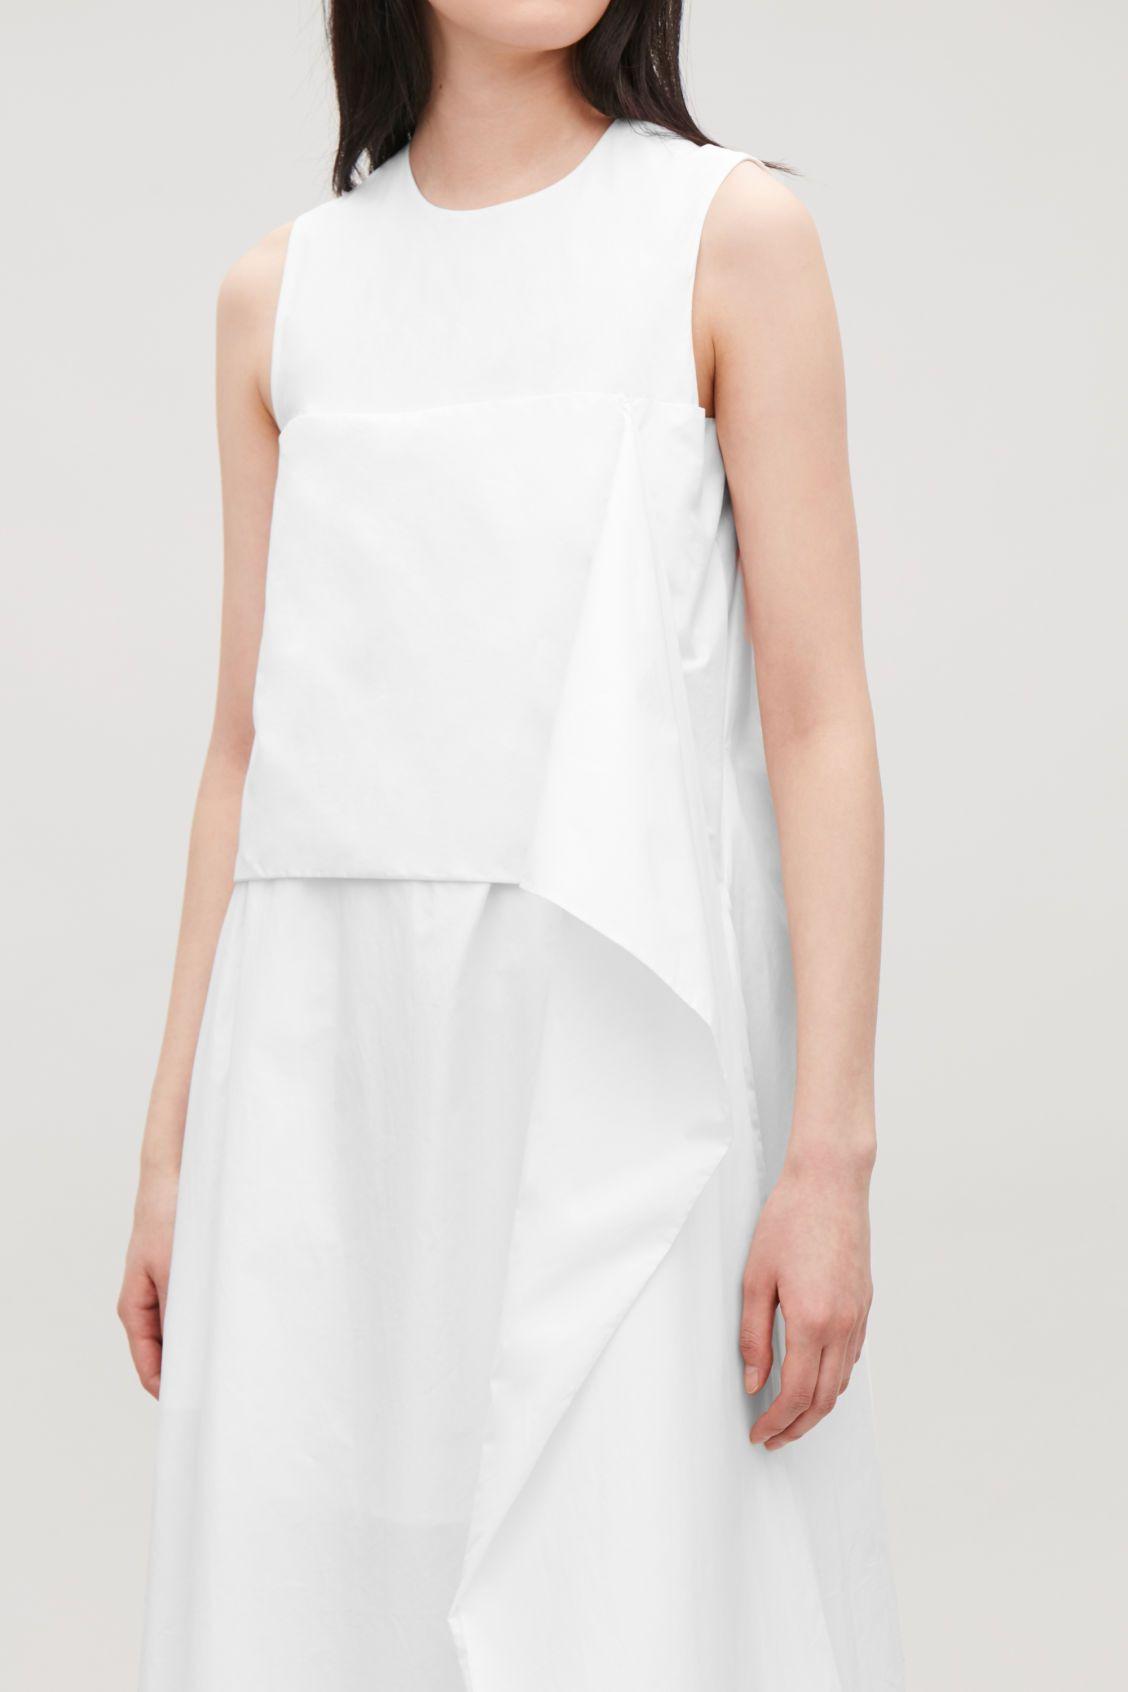 17 Schön Abendkleid Cos für 201920 Luxus Abendkleid Cos Vertrieb